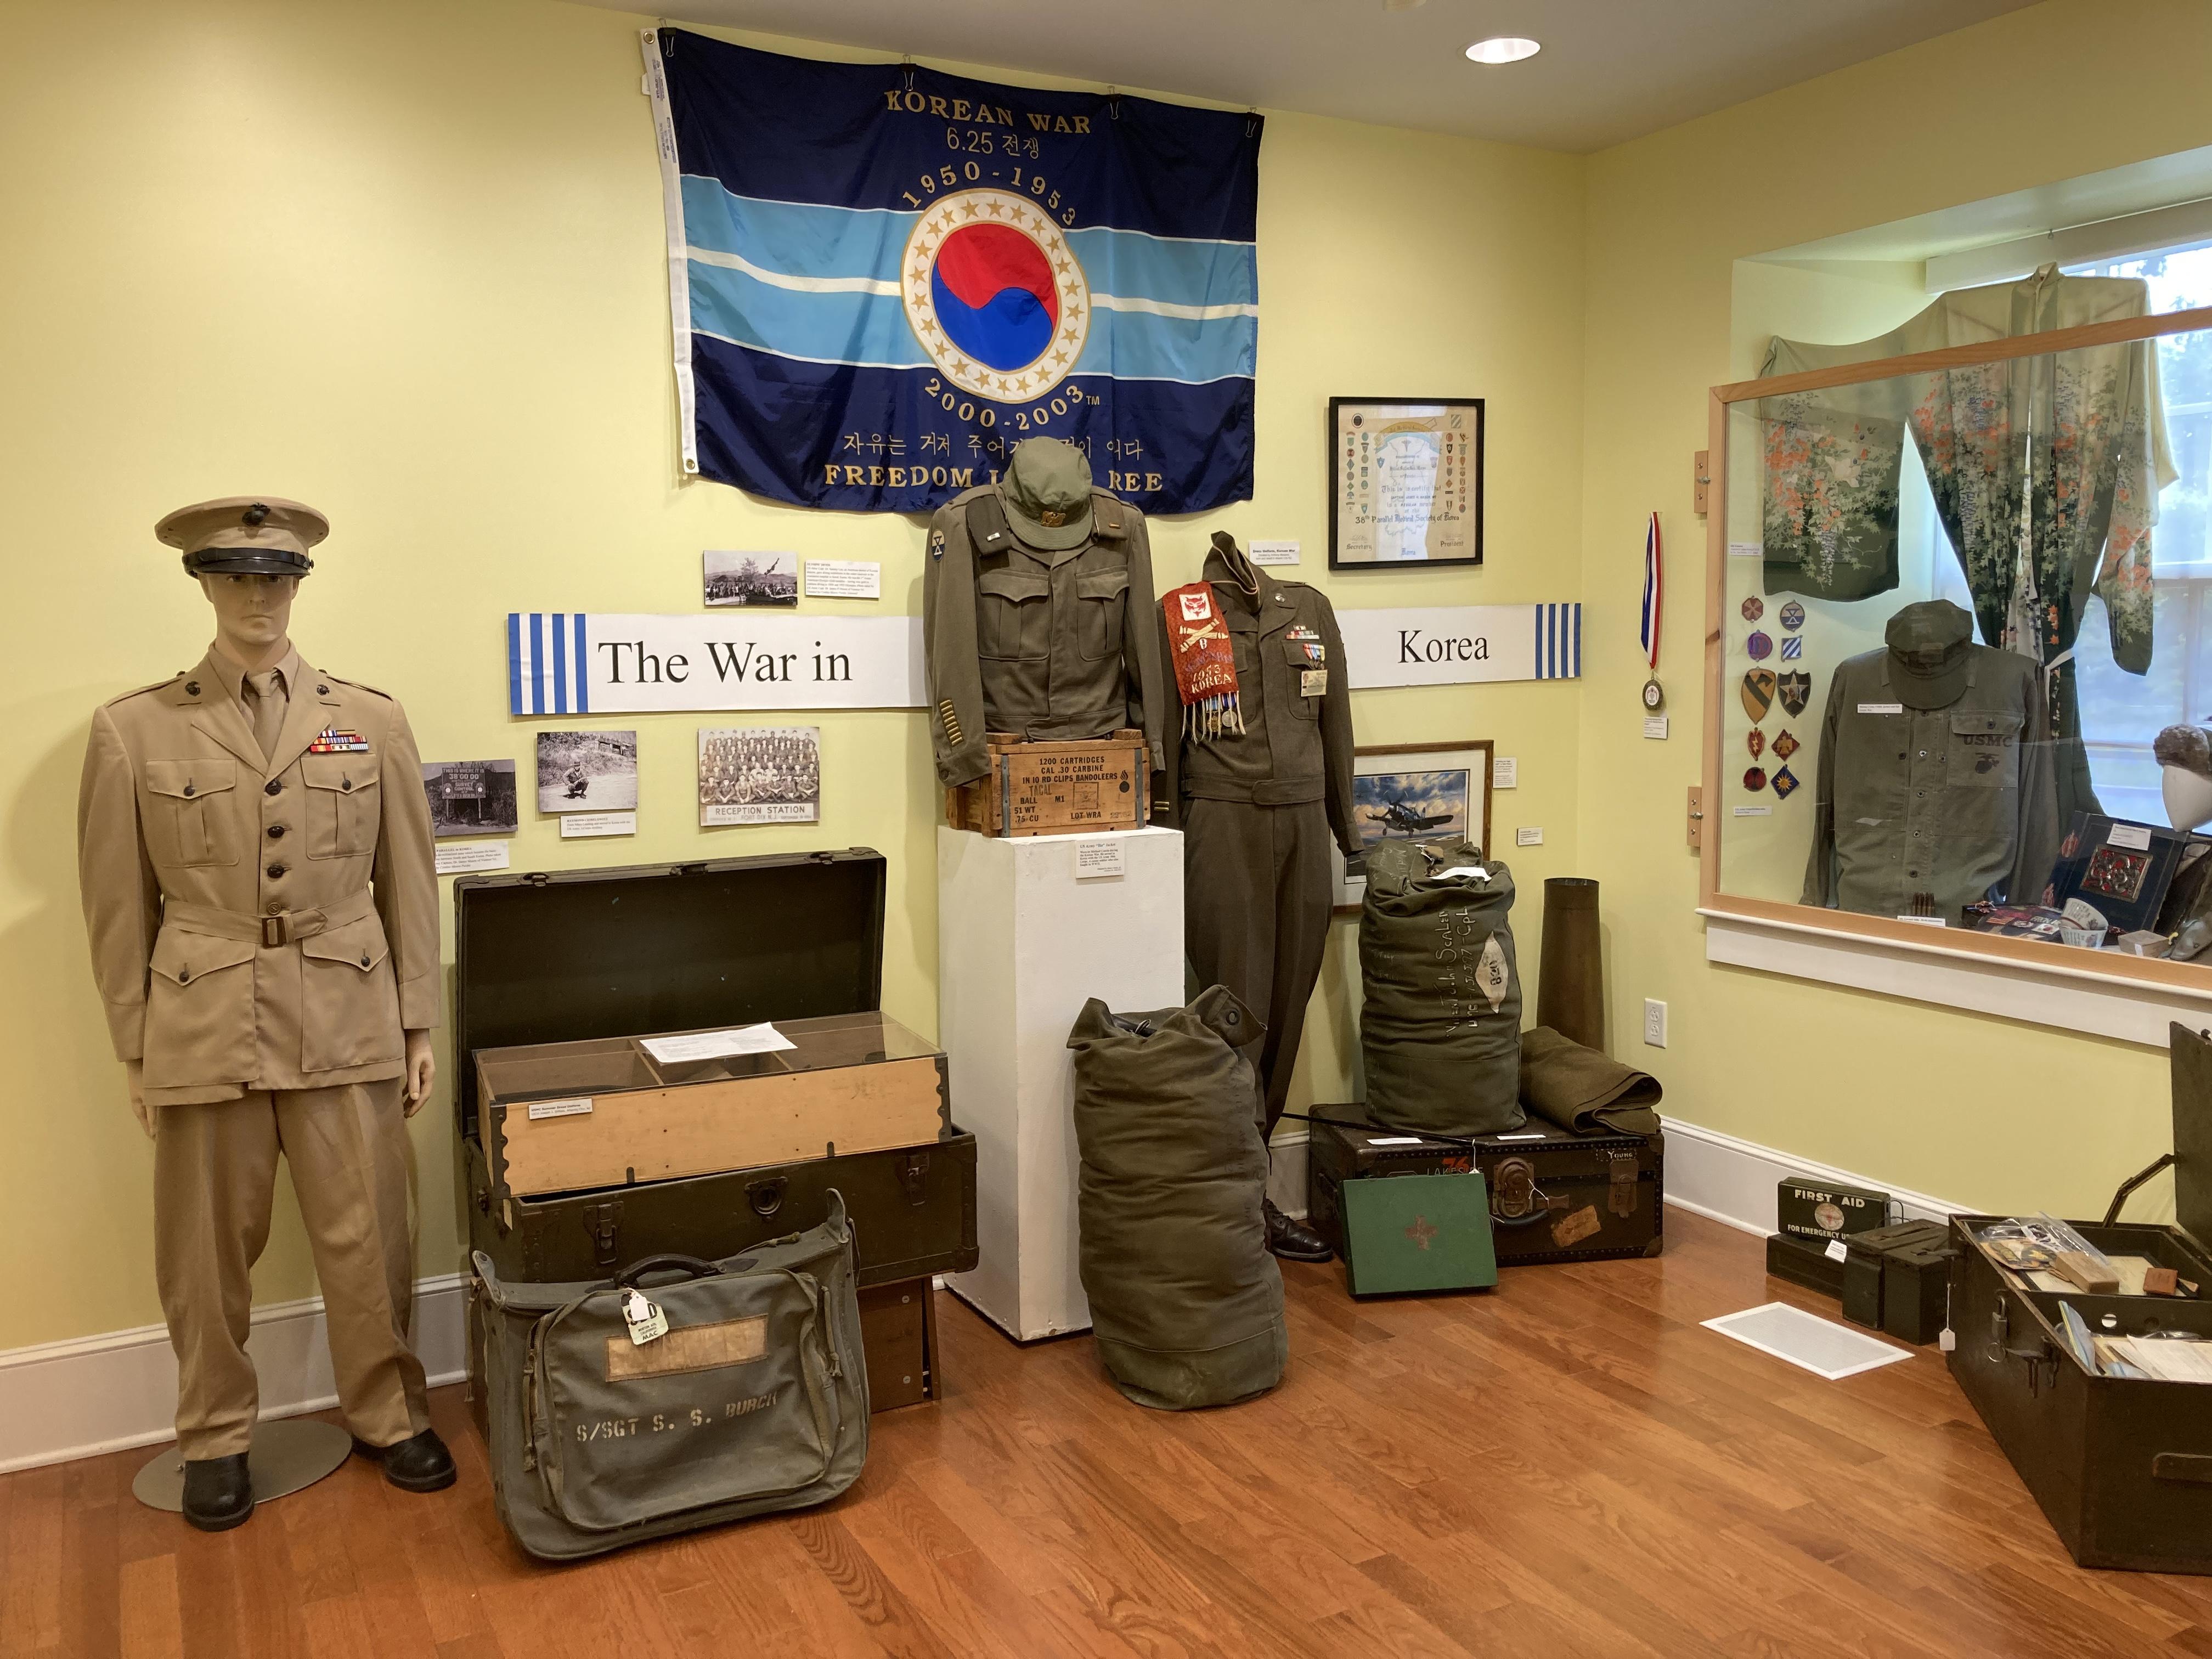 Exhibit on Korean War.